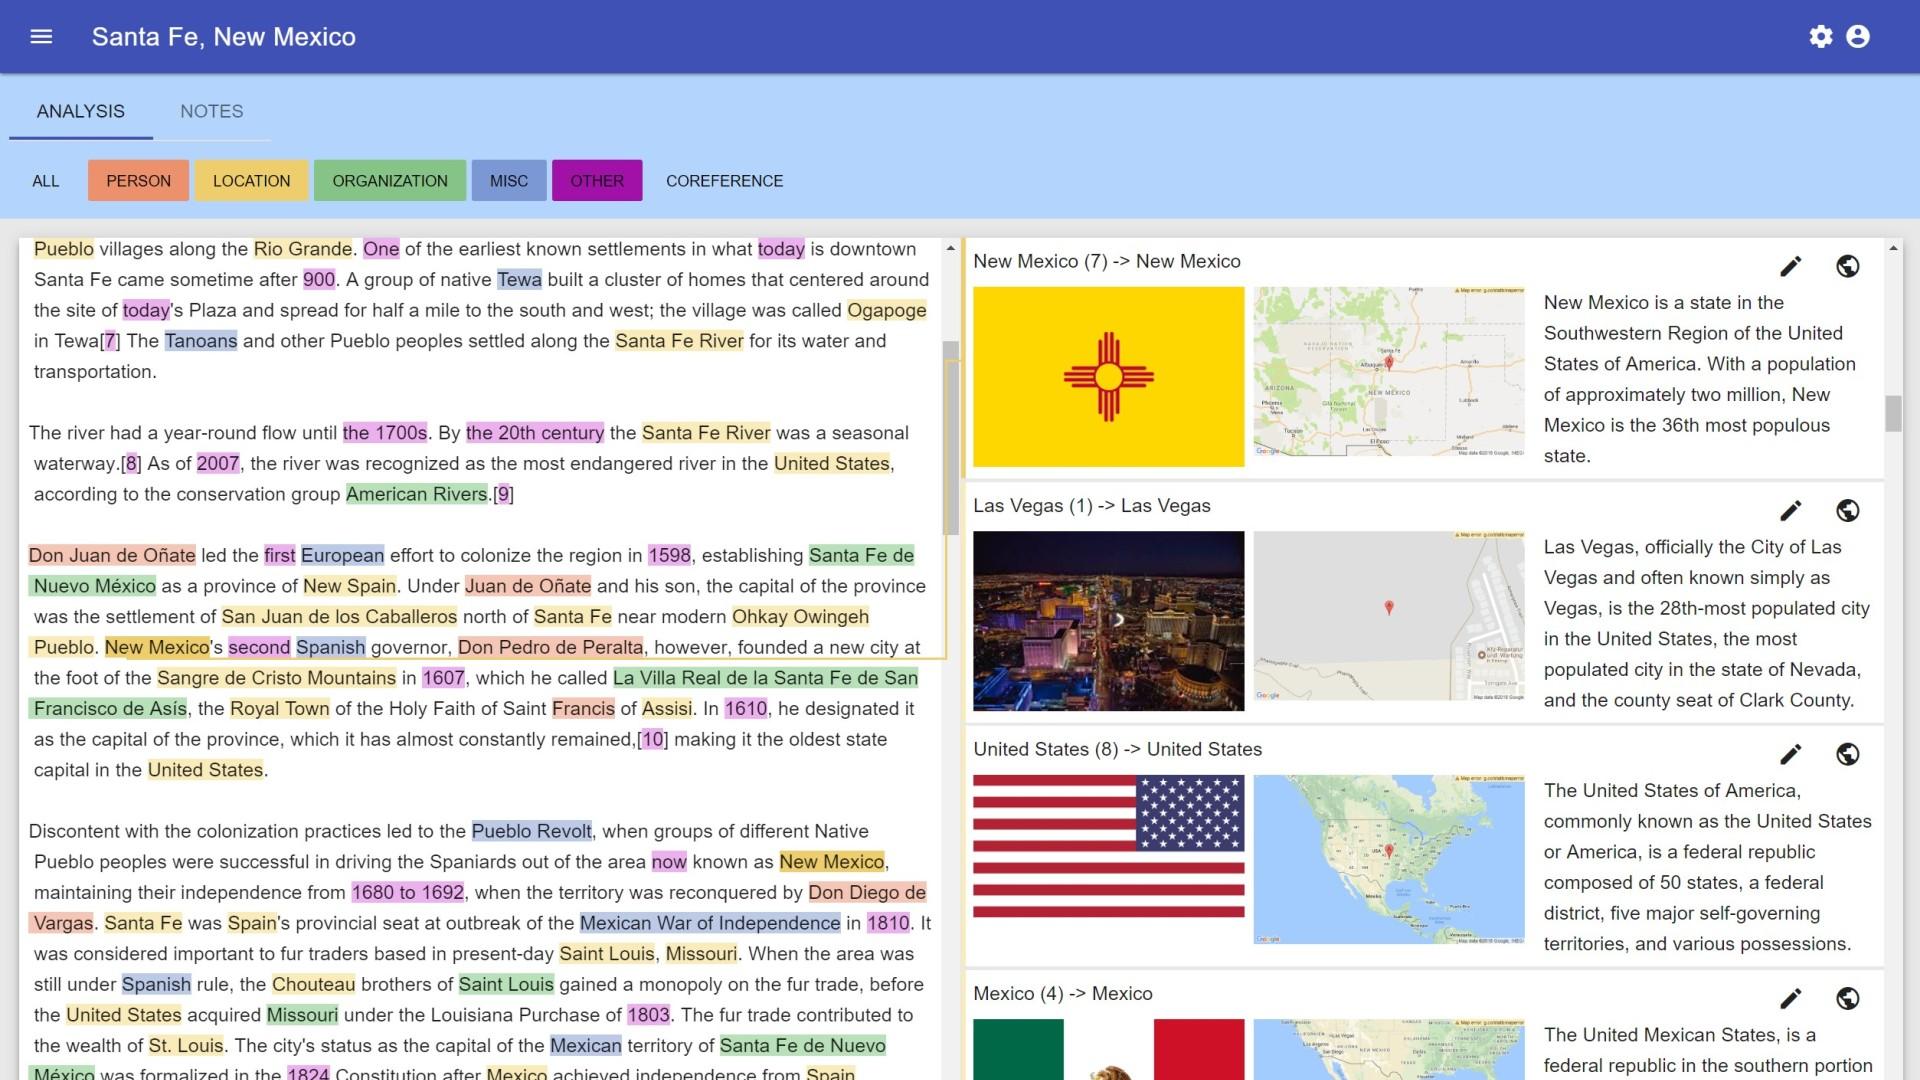 NLATool: An Application for Enhanced Deep Text Understanding